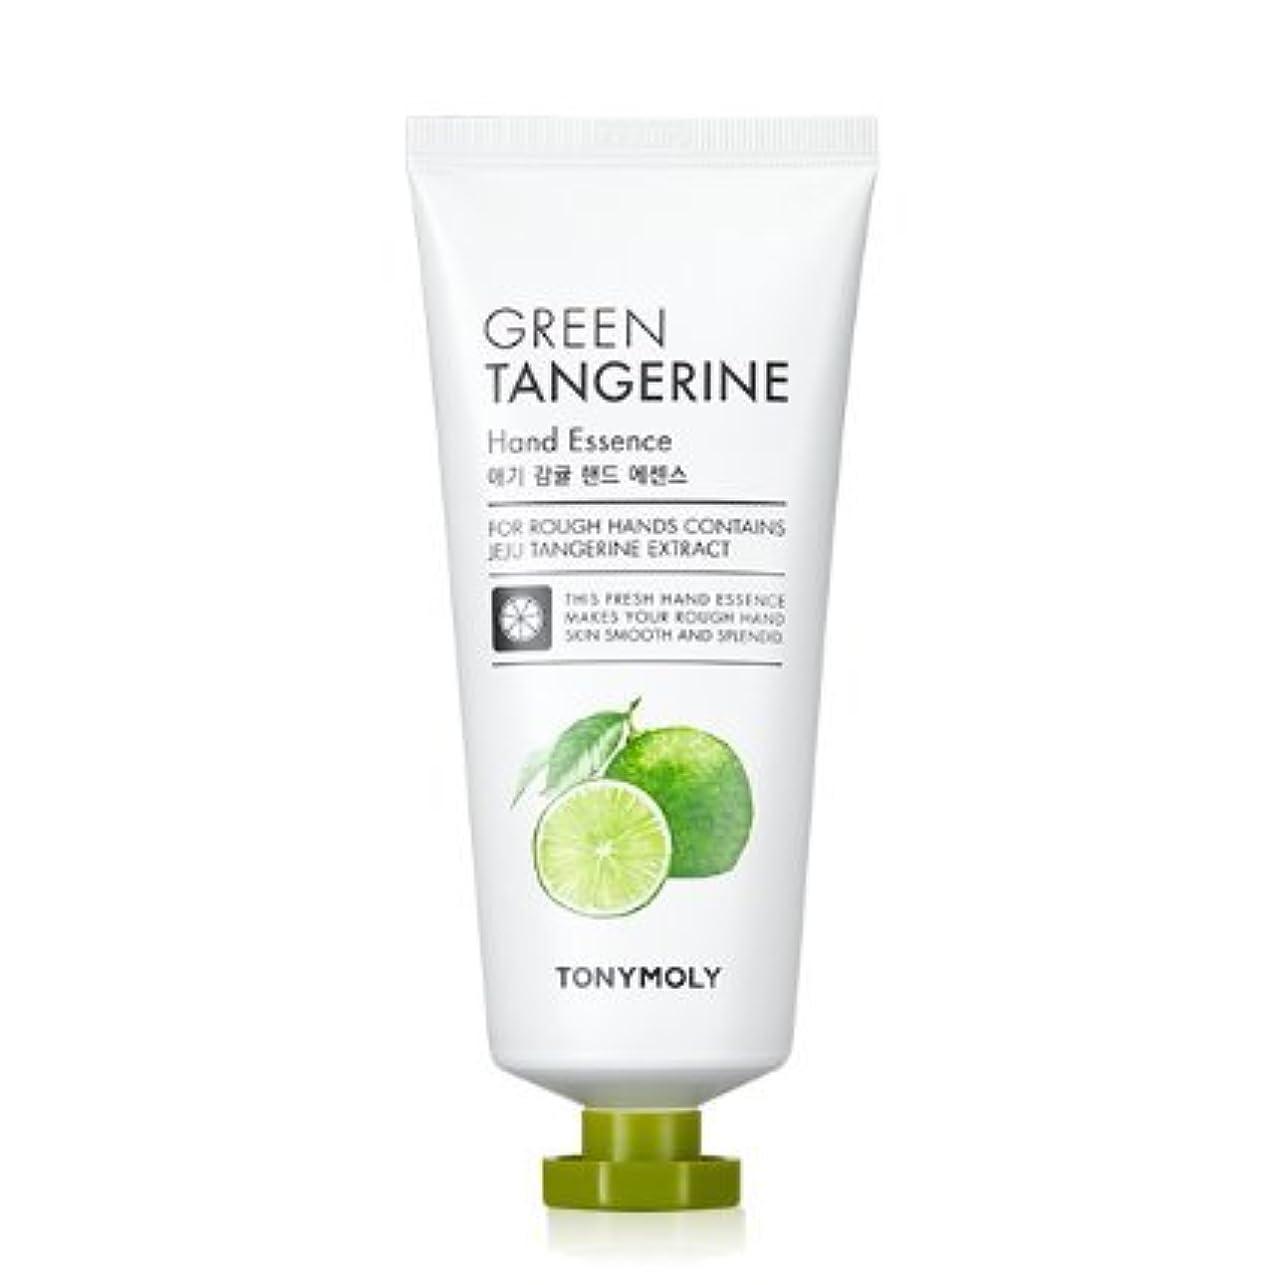 クリスチャンのハーネス[Renewal] TONYMOLY Green Tangerine Hand Essence/トニーモリー 青みかん ハンド エッセンス 80g [並行輸入品]